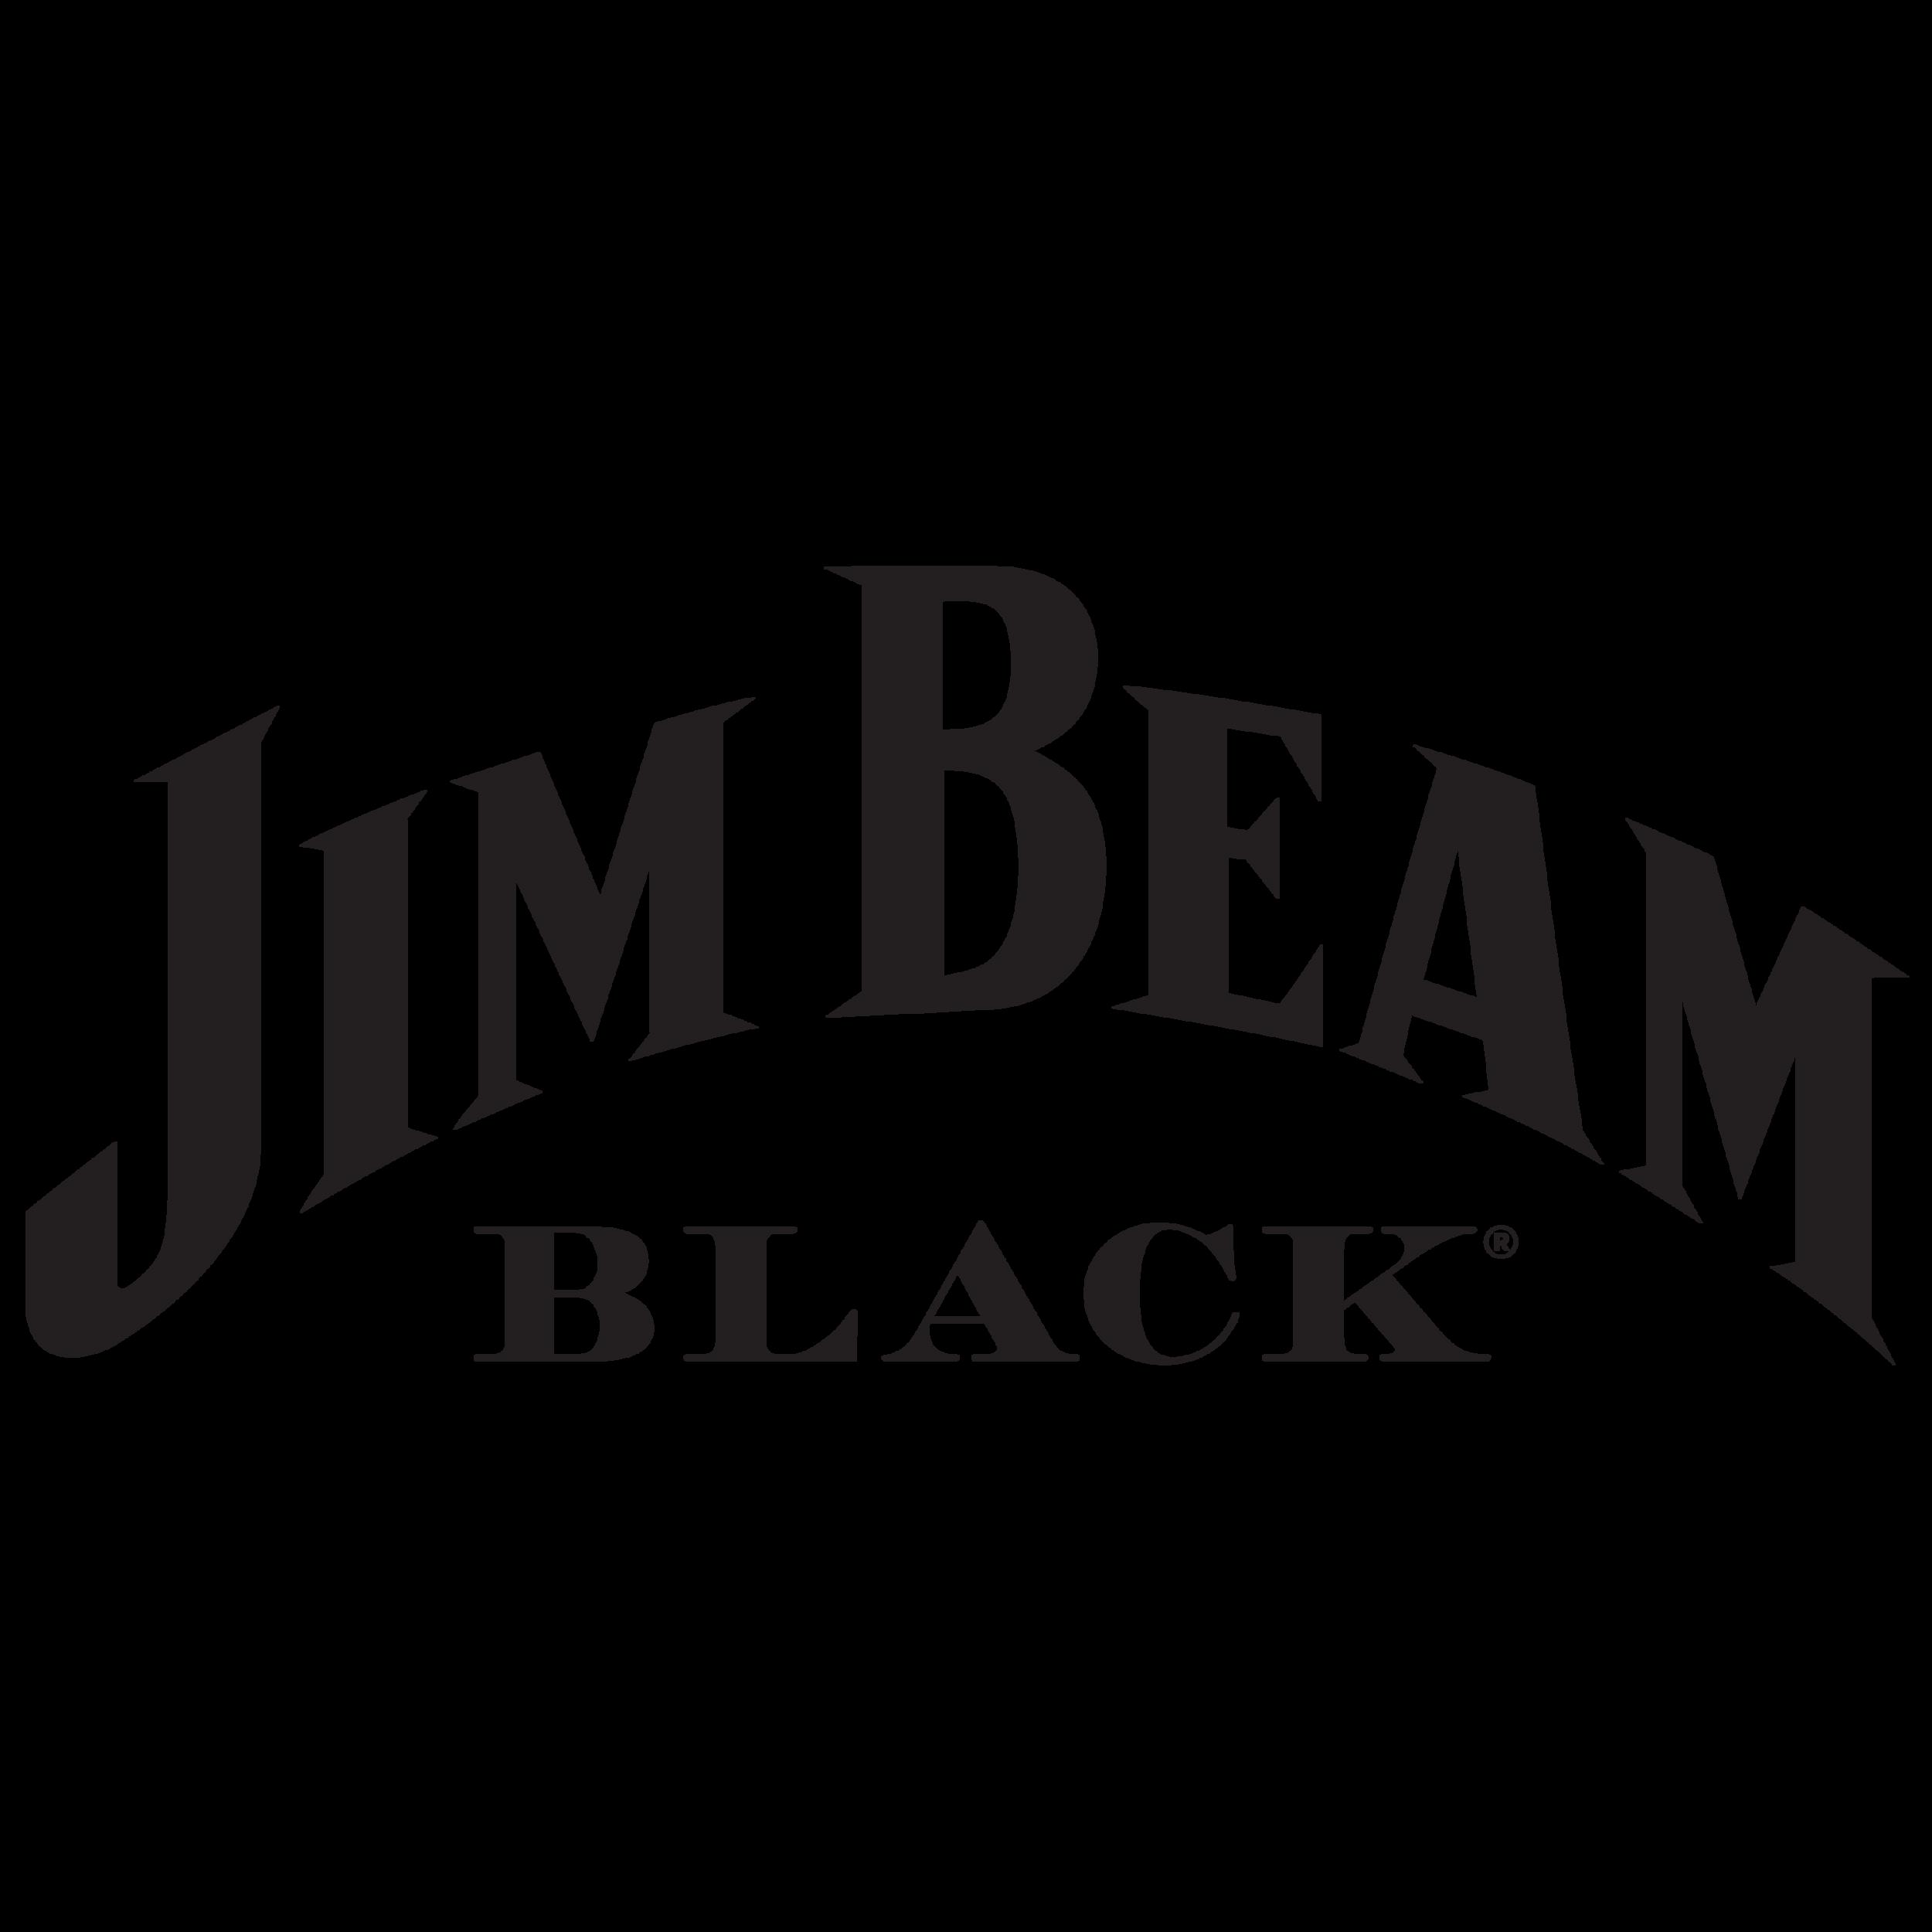 JBB_Logo_Black.png